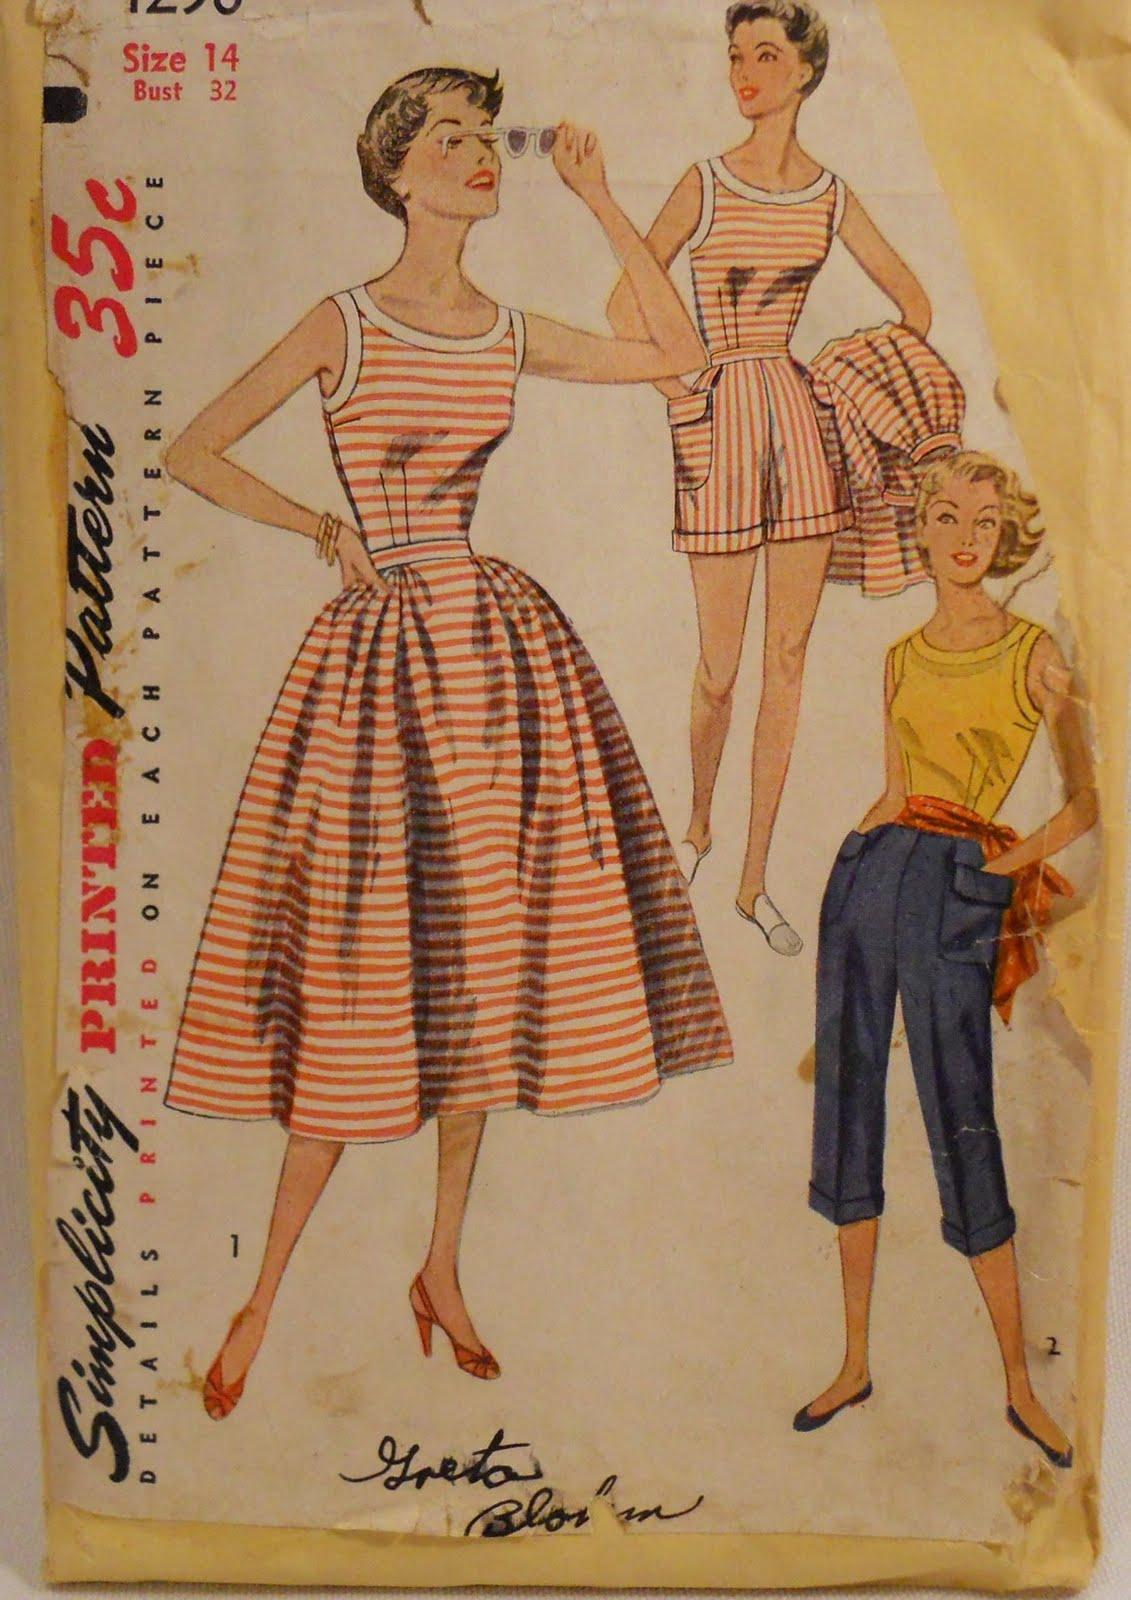 Etsy vintage 1131 1600 vintage sewing for Vintage sites like etsy